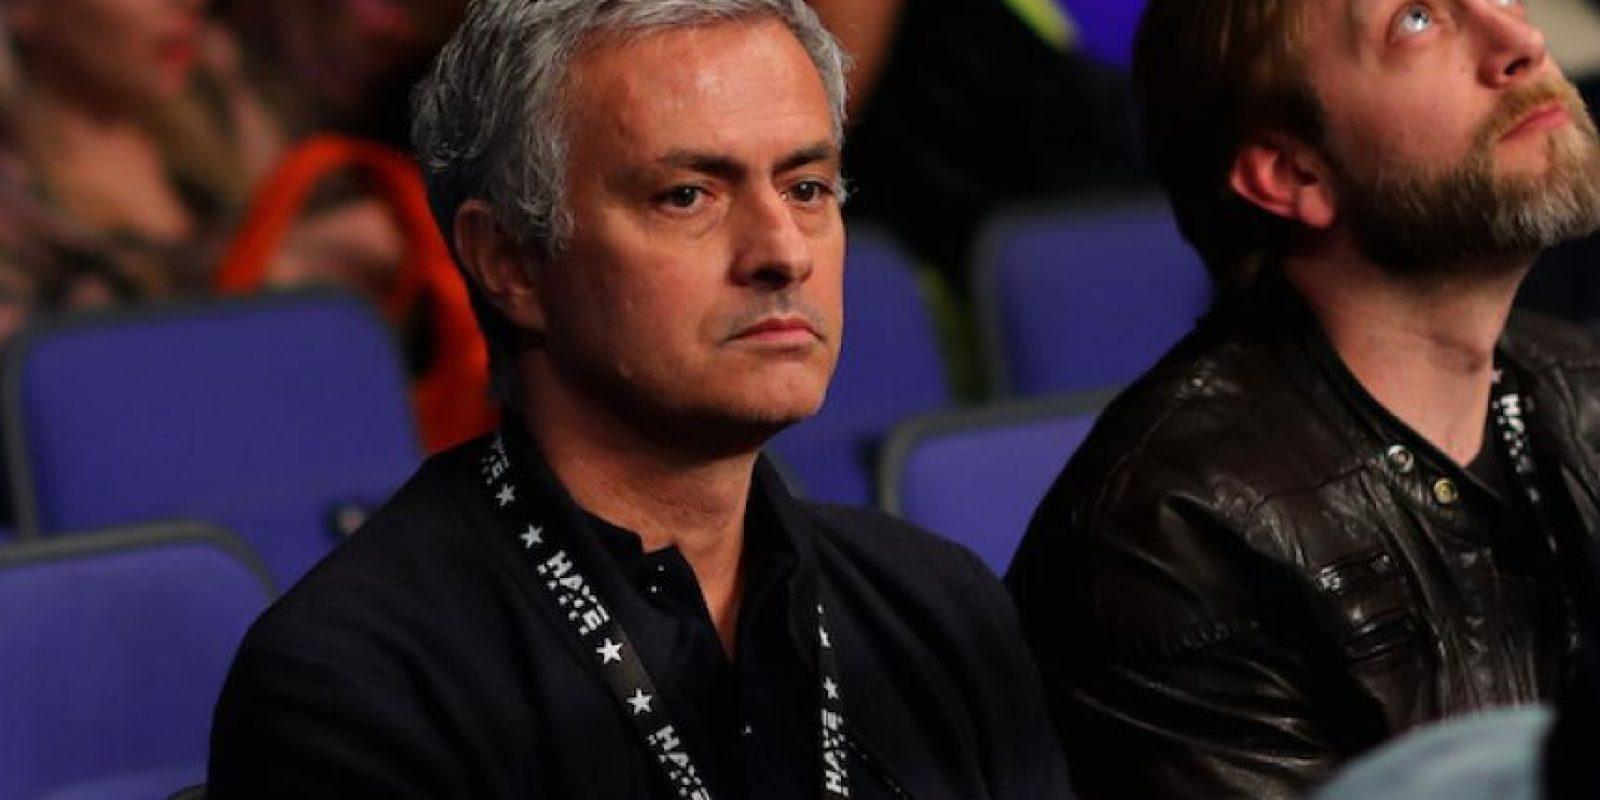 José Mourinho llegaría a Manchester United en las próximas horas Foto:Getty Images